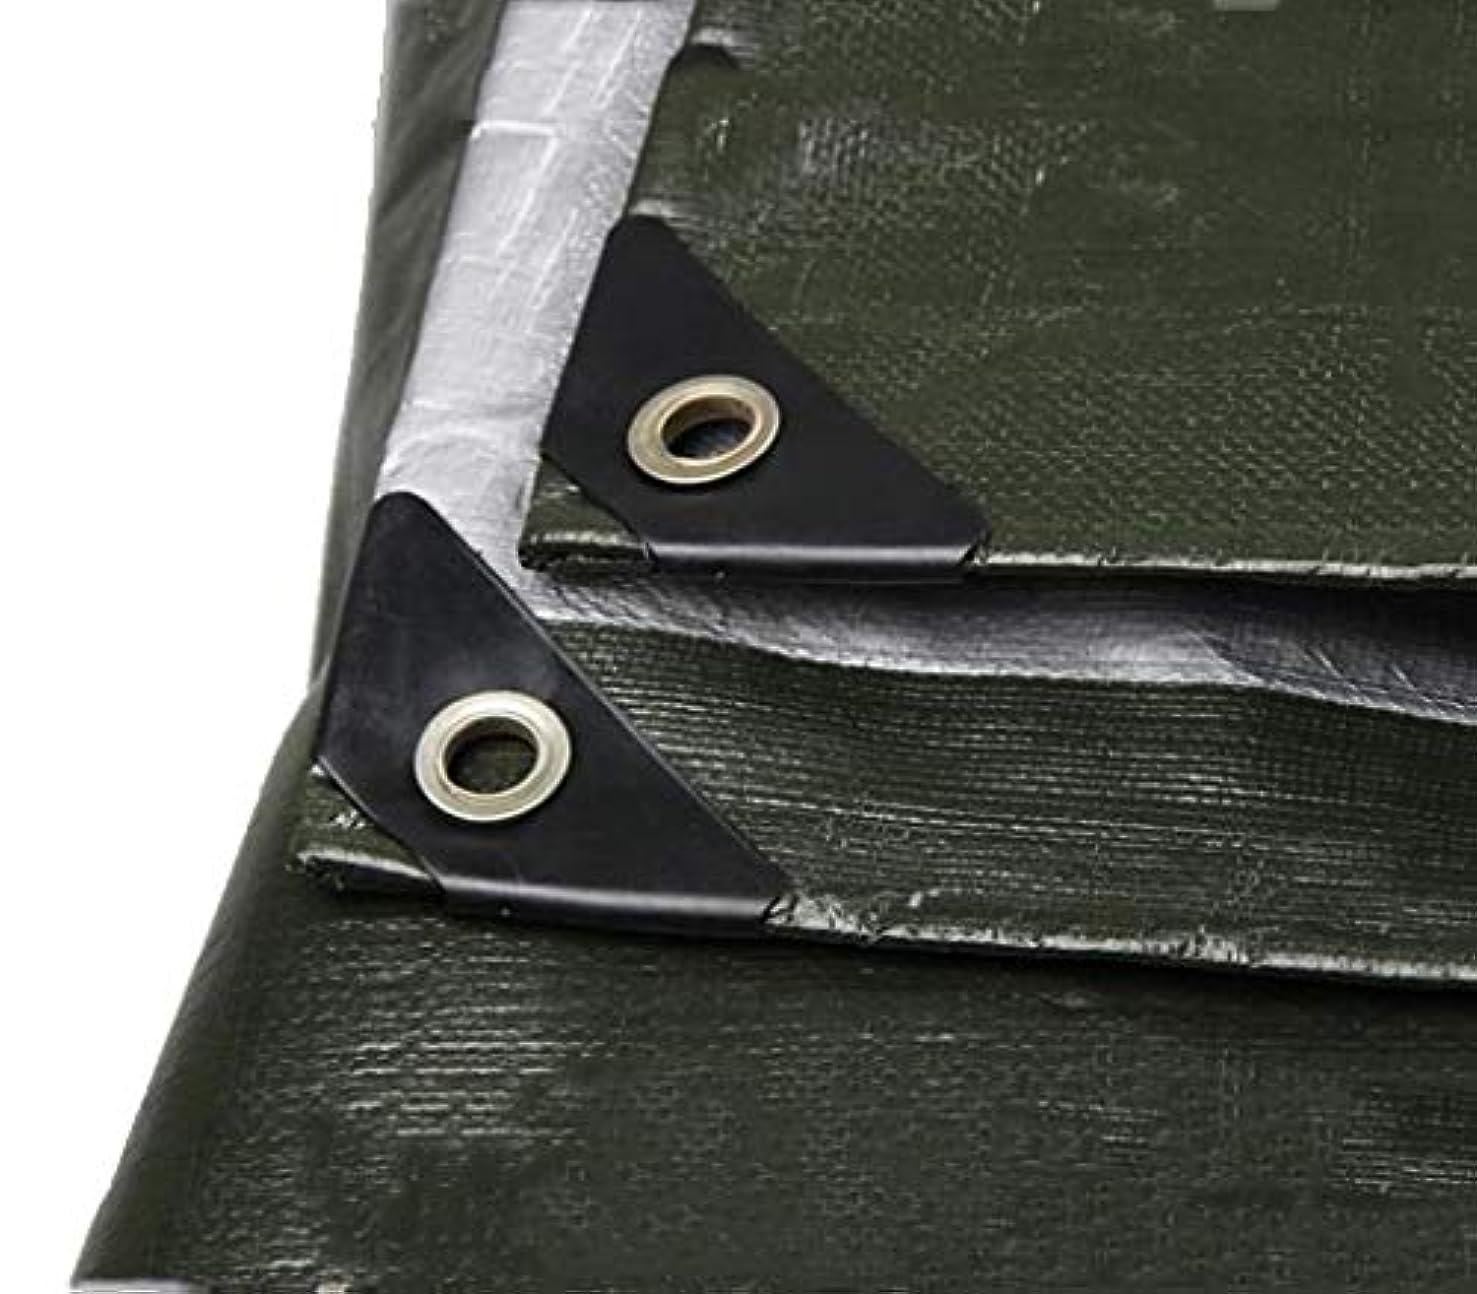 積極的に不可能なアフリカカーポートの絶縁材の防水シート布屋外の日よけの防水防雨プラスチック防水シート-180g / mの² (サイズ さいず : 4 x 8m)